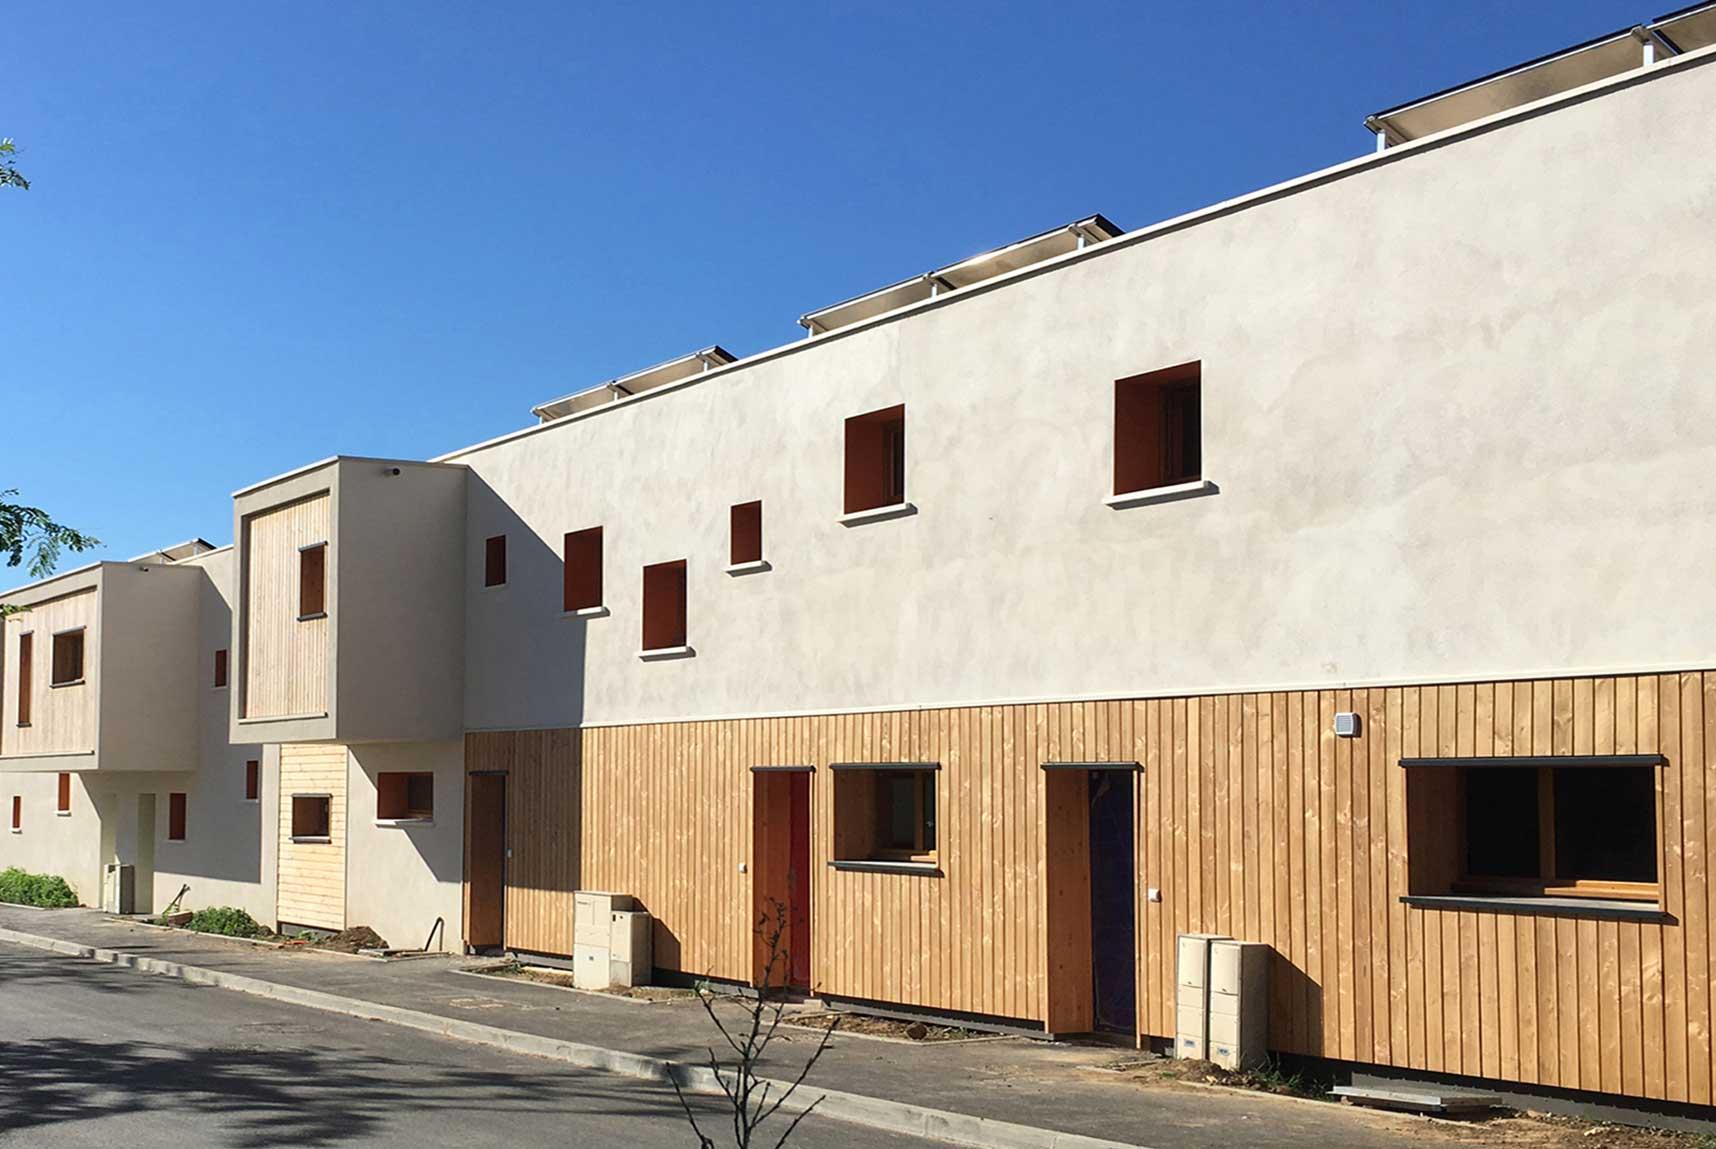 Habitation bioclimatique Fabr